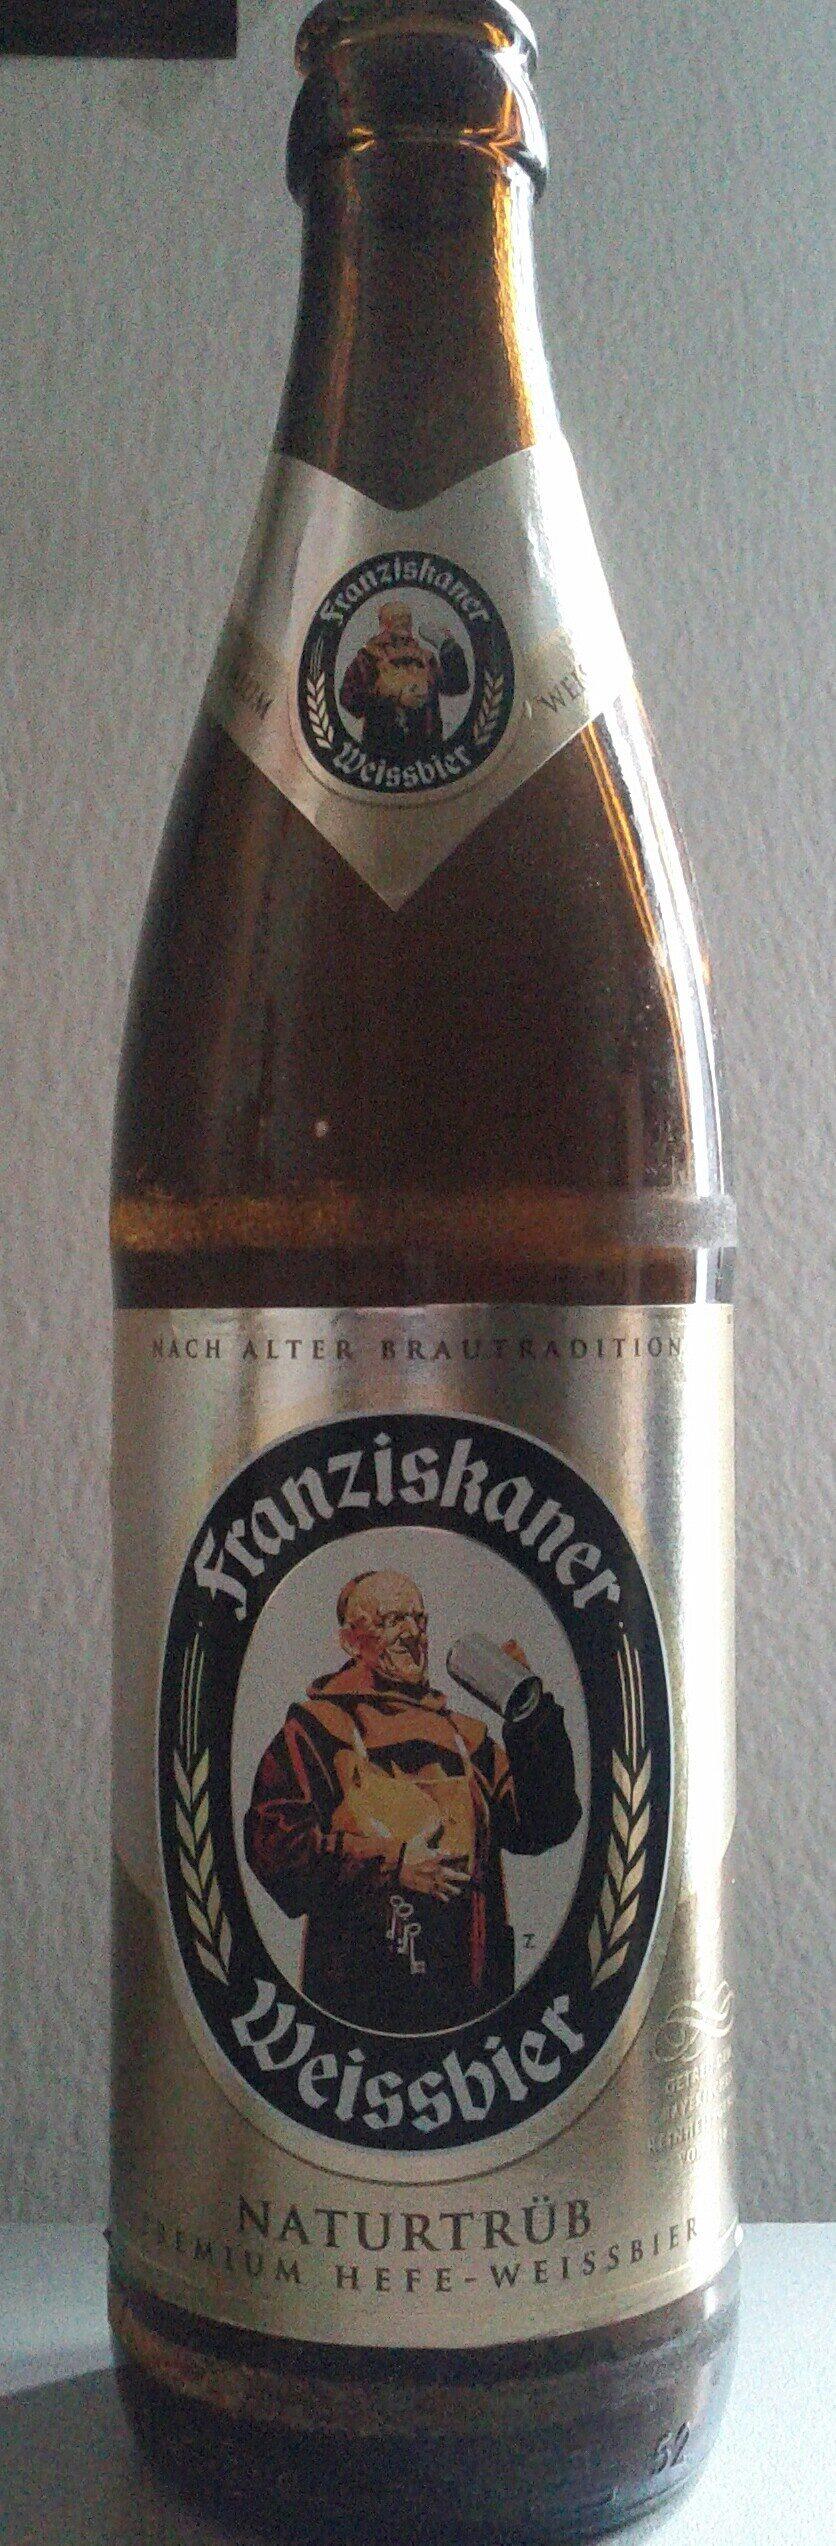 Franziskaner Weissbier Naturtrüb - Product - de